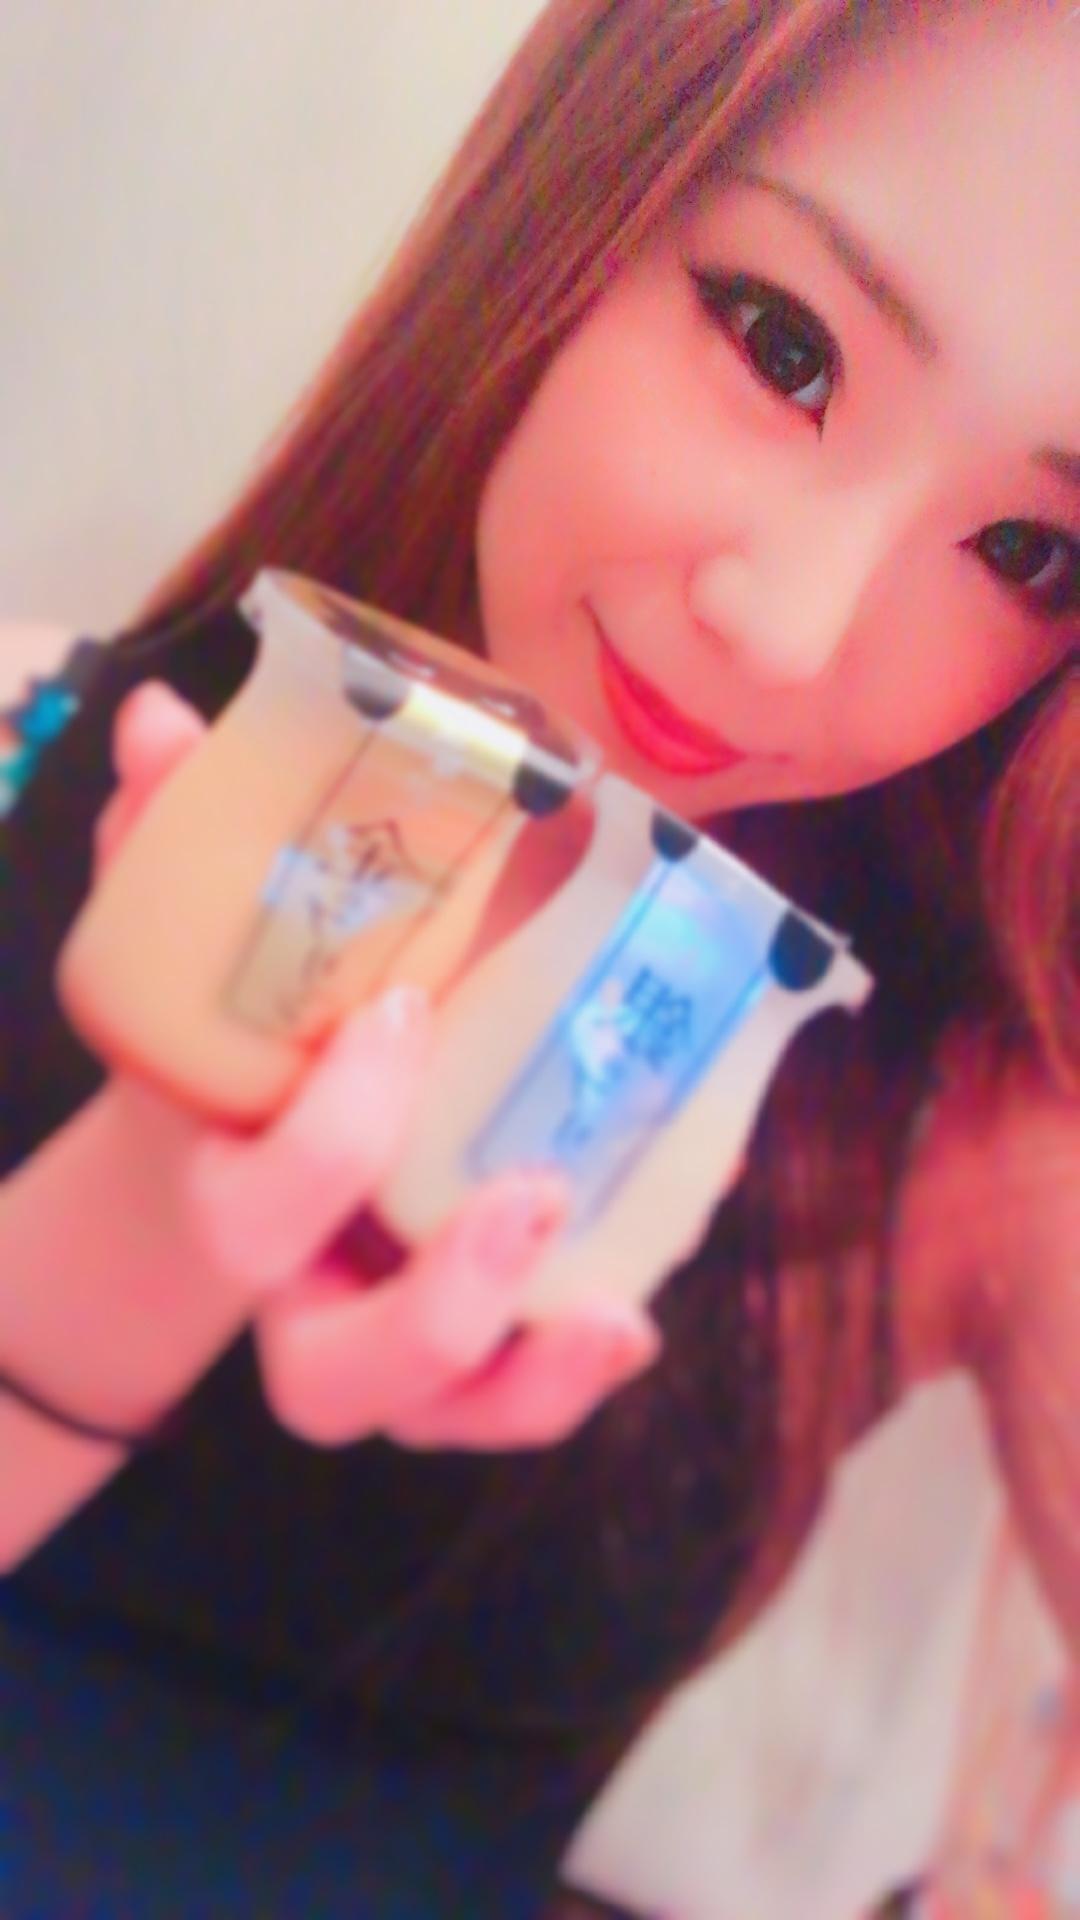 「かなめ」11/15(11/15) 19:21 | かなめの写メ・風俗動画